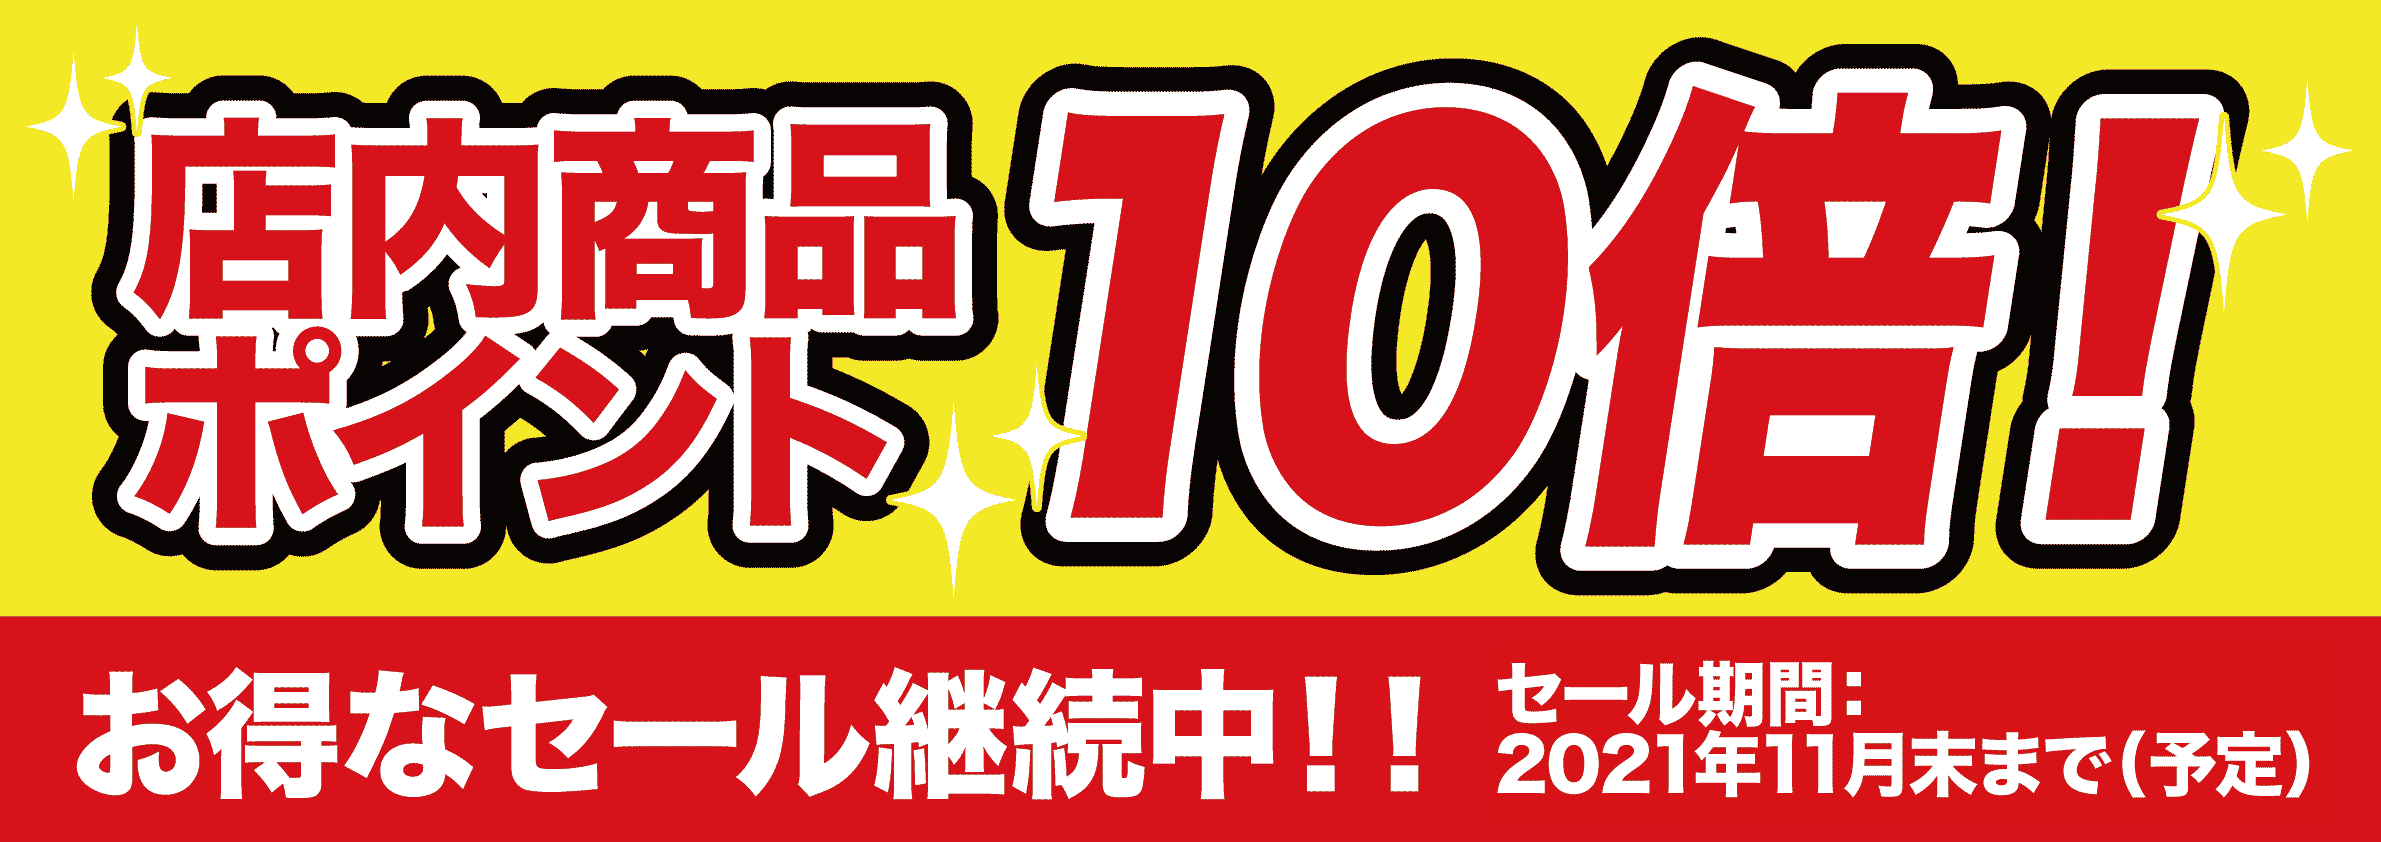 2021年11月末まで延長!店内商品ポイント10倍セール中です!!